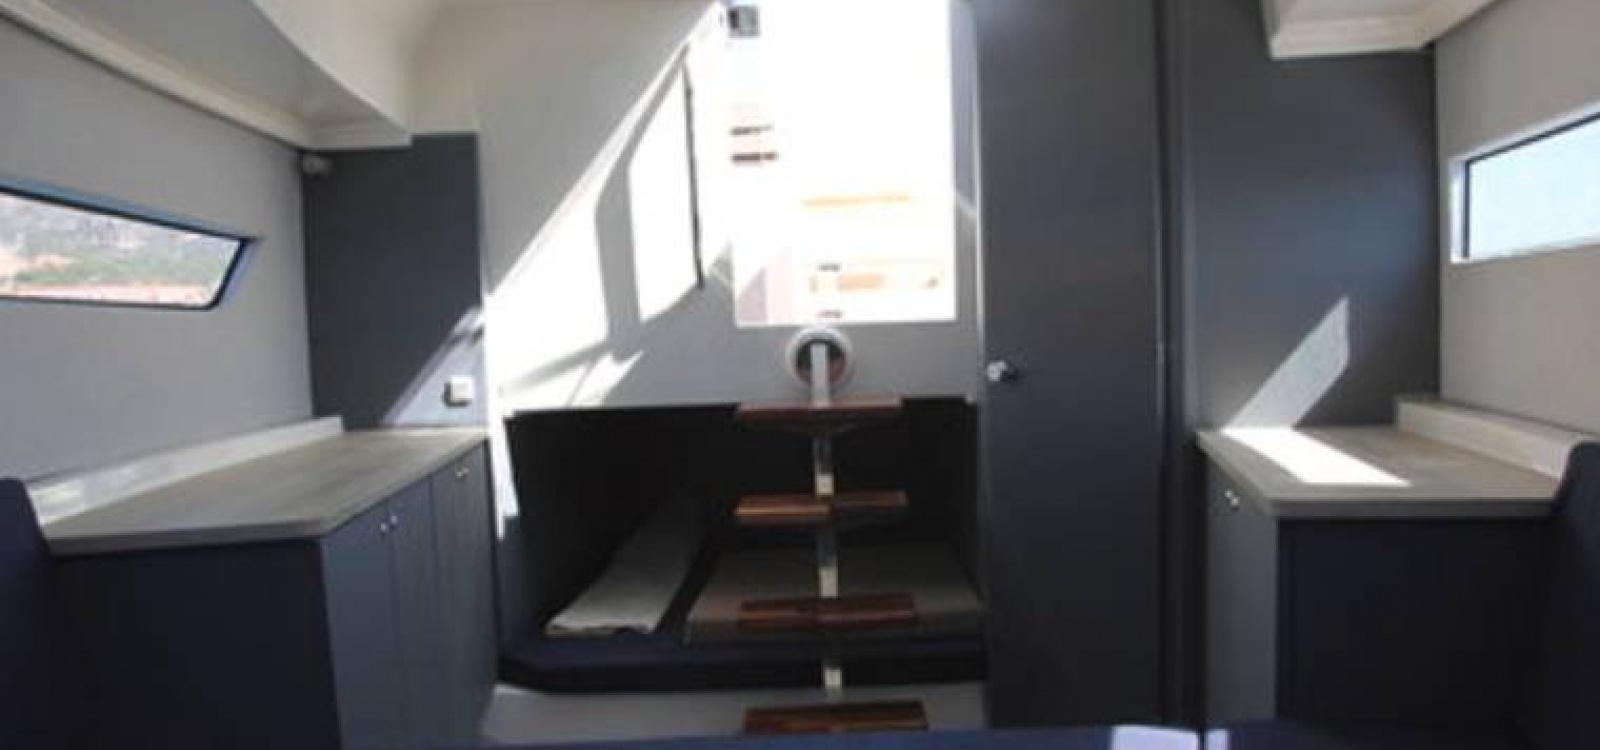 El Masnou,Barcelona,España,1 Dormitorio Habitaciones,1 BañoLavabos,Barco a motor,2056